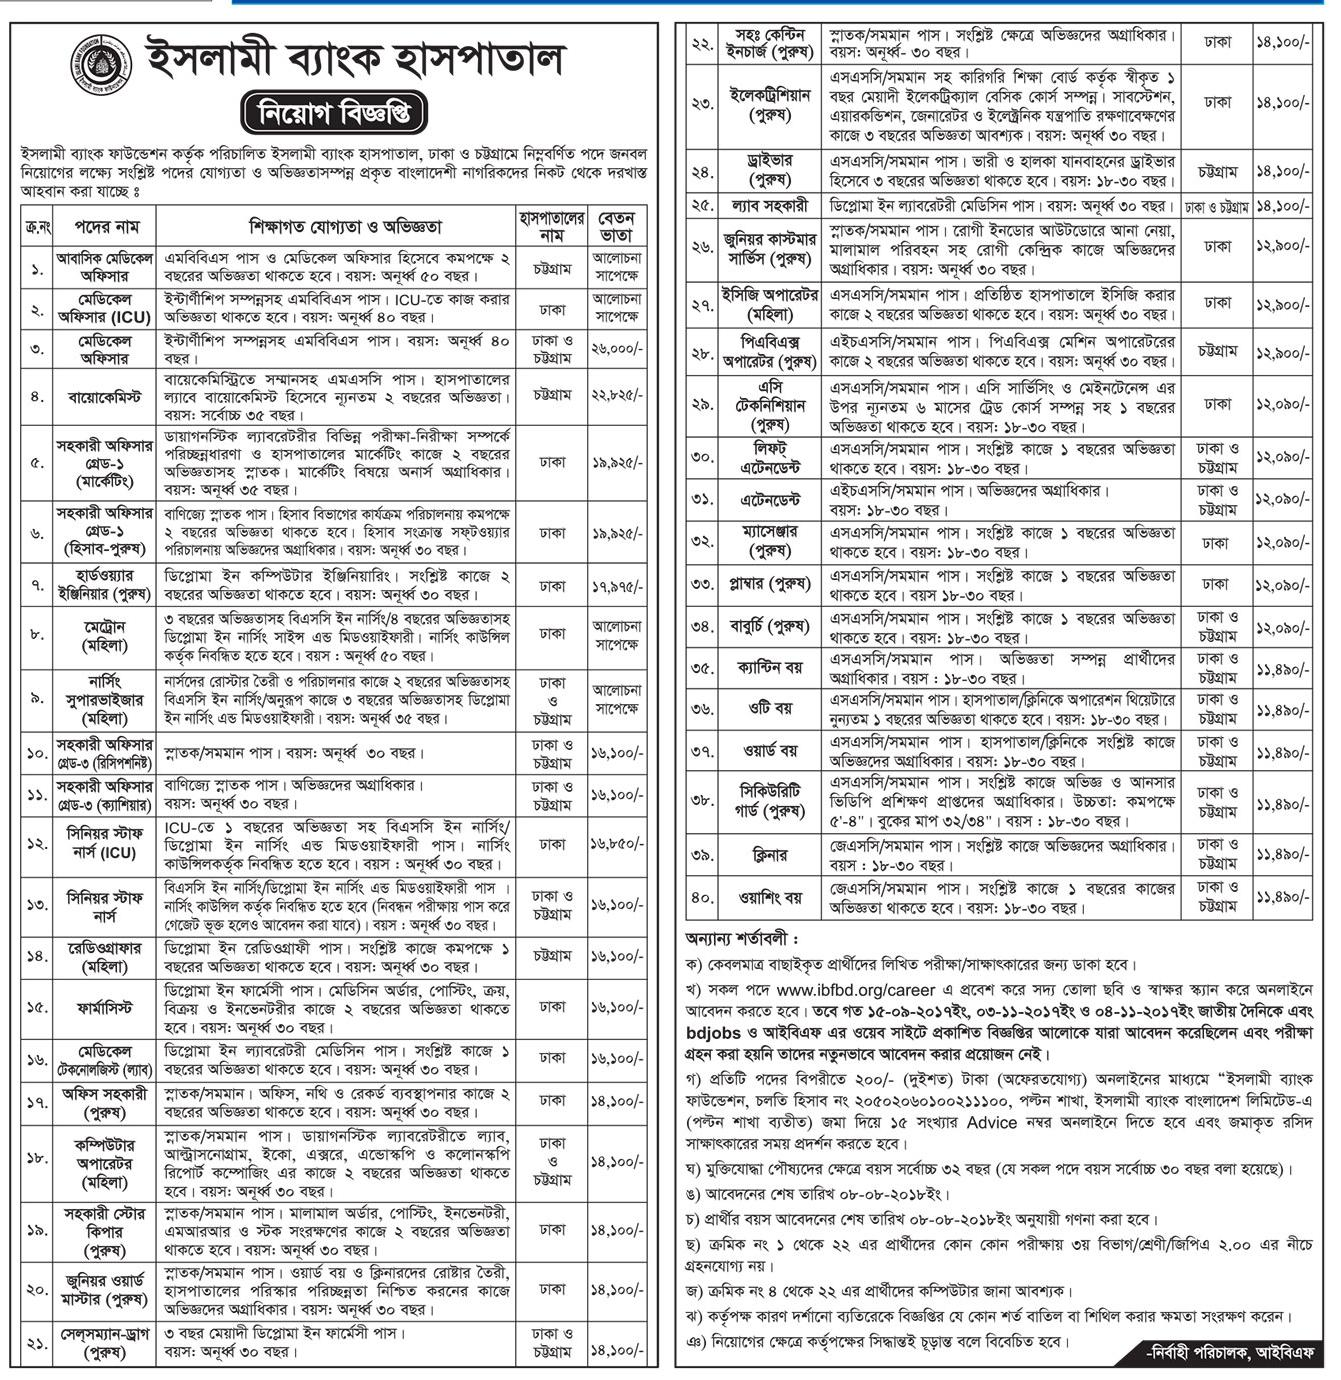 Islami Bank Hospital Dhaka and Chittagong Job Circular 2018